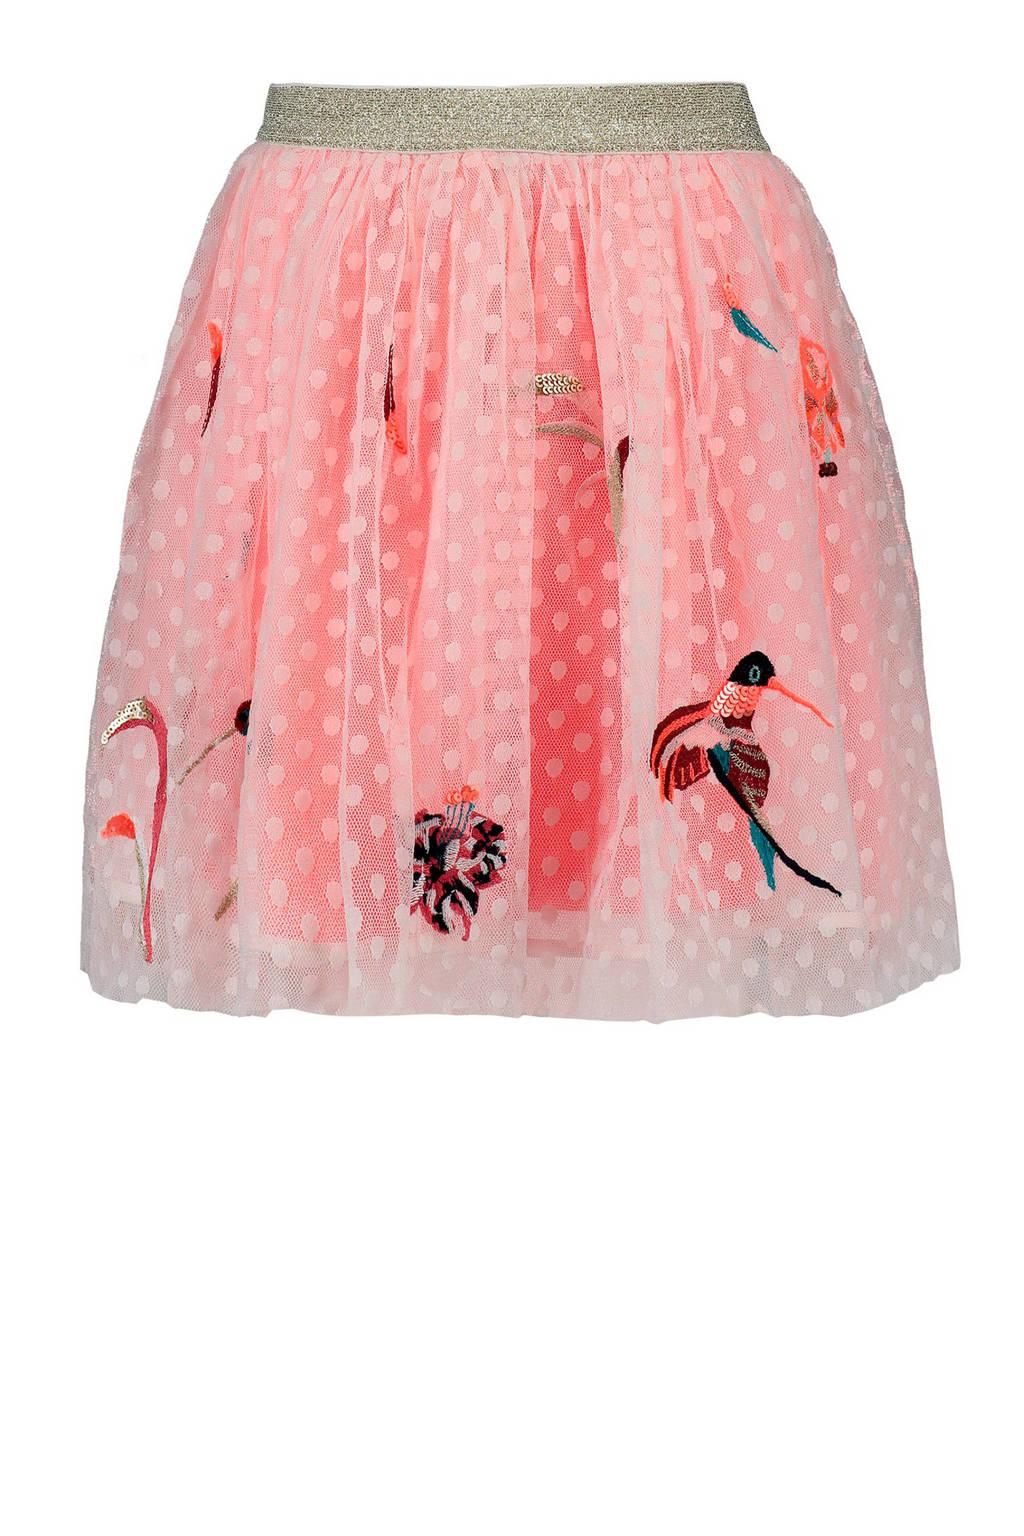 CKS KIDS tule rok met borduursels roze, Roze